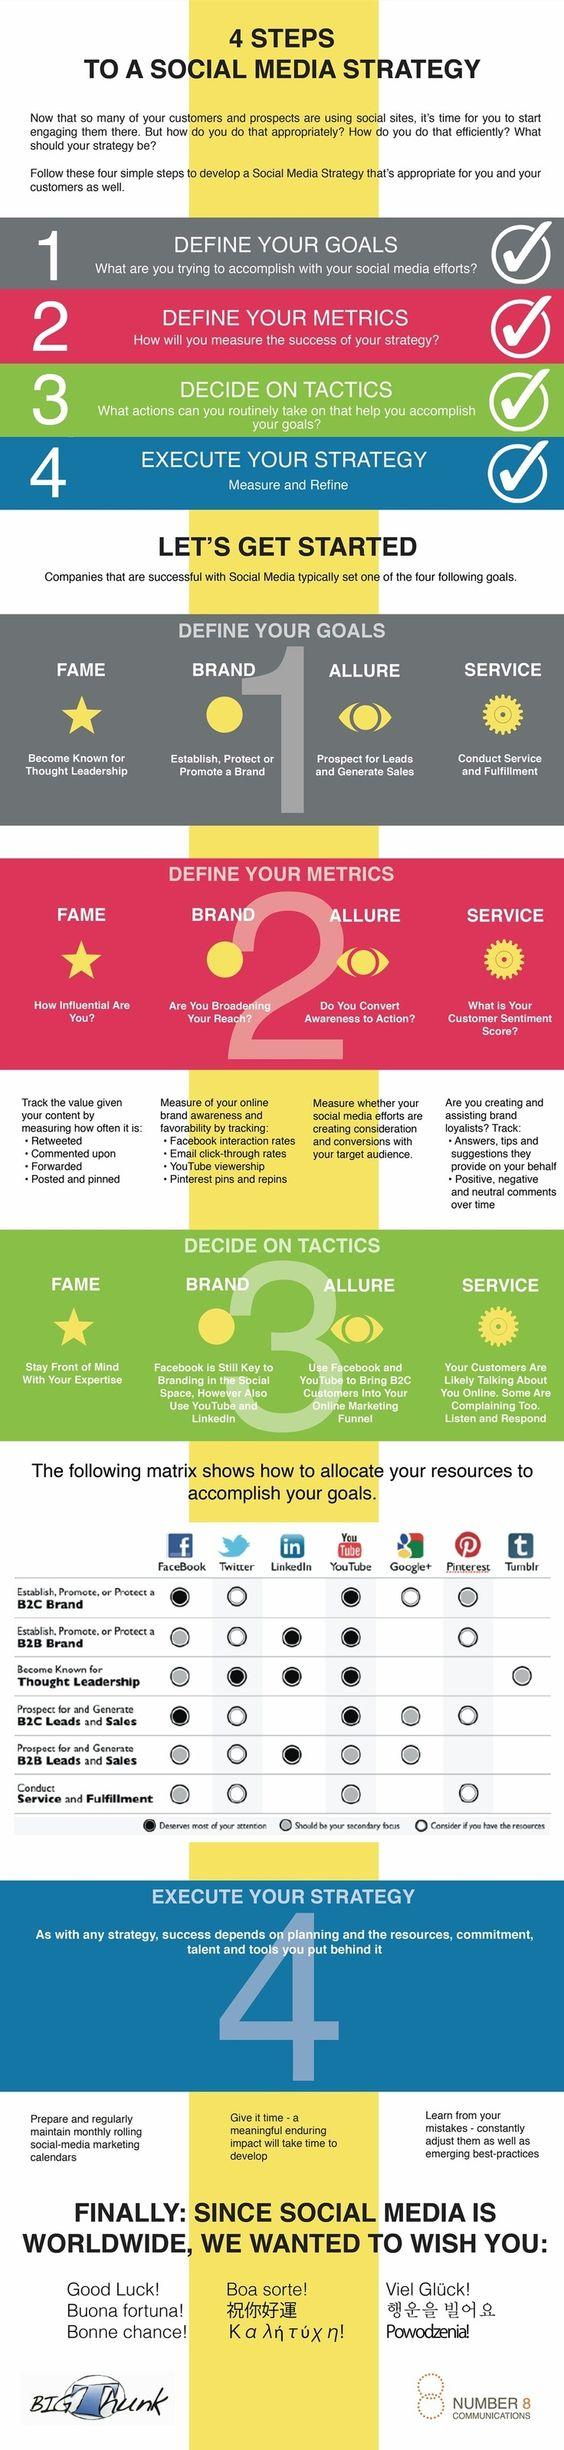 Estar nas Redes Sociais é essencial para sua empresa, não é? Que tal seguir estes 4 passos simples e construir uma estratégia bacana?